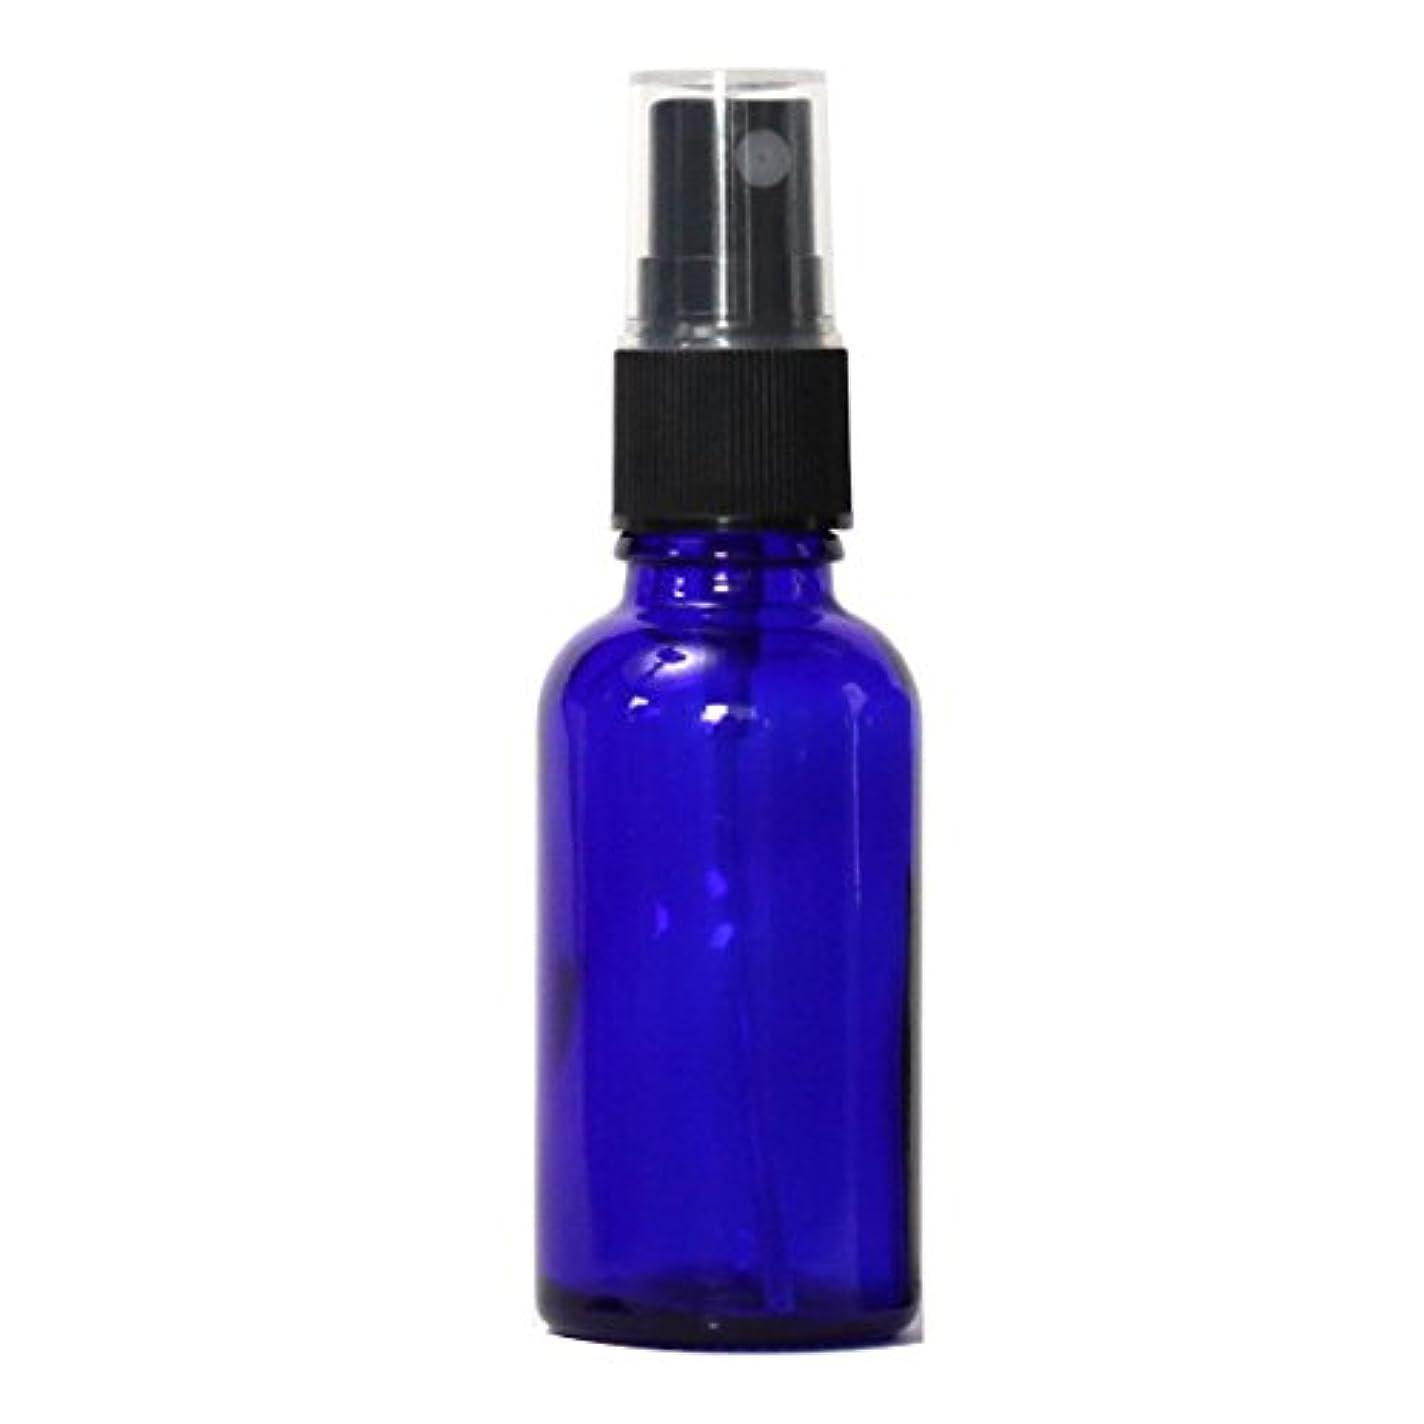 純粋に検査官ソーススプレーガラス瓶ボトル 30mL 遮光性ブルー おしゃれガラスアトマイザー 空容器